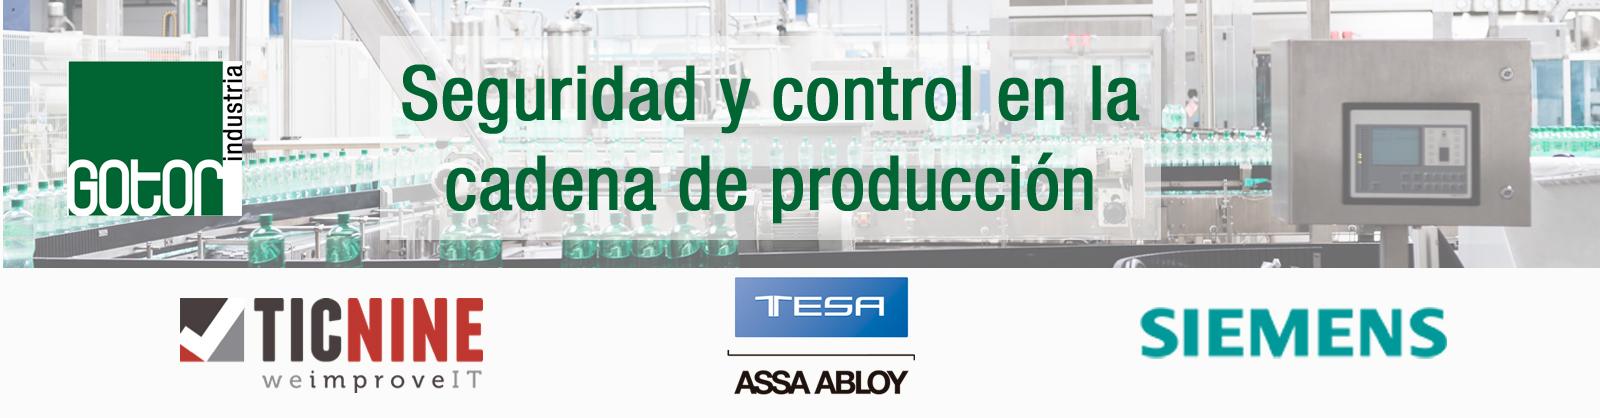 Seminario Online sobre Seguridad y Control en la Cadena de Producción